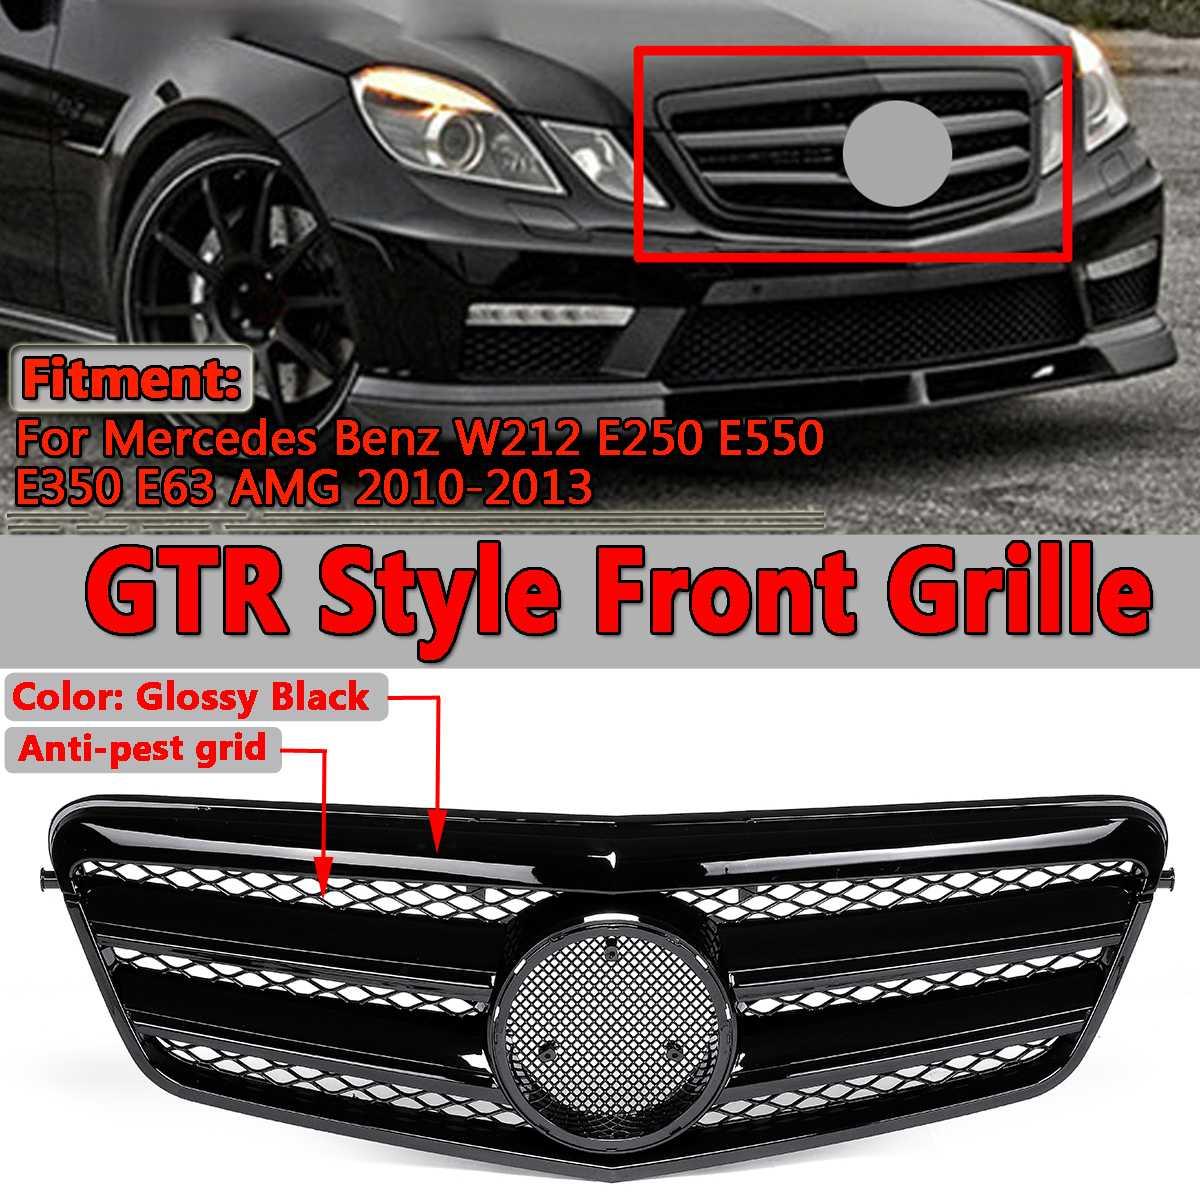 Para AMG Estilo Frente Car Grill Grille Para Mercedes Benz Para W212 E250 E550 E350 E63 Para AMG 2010- 2013 Grades De Corrida Sedan 4Dr